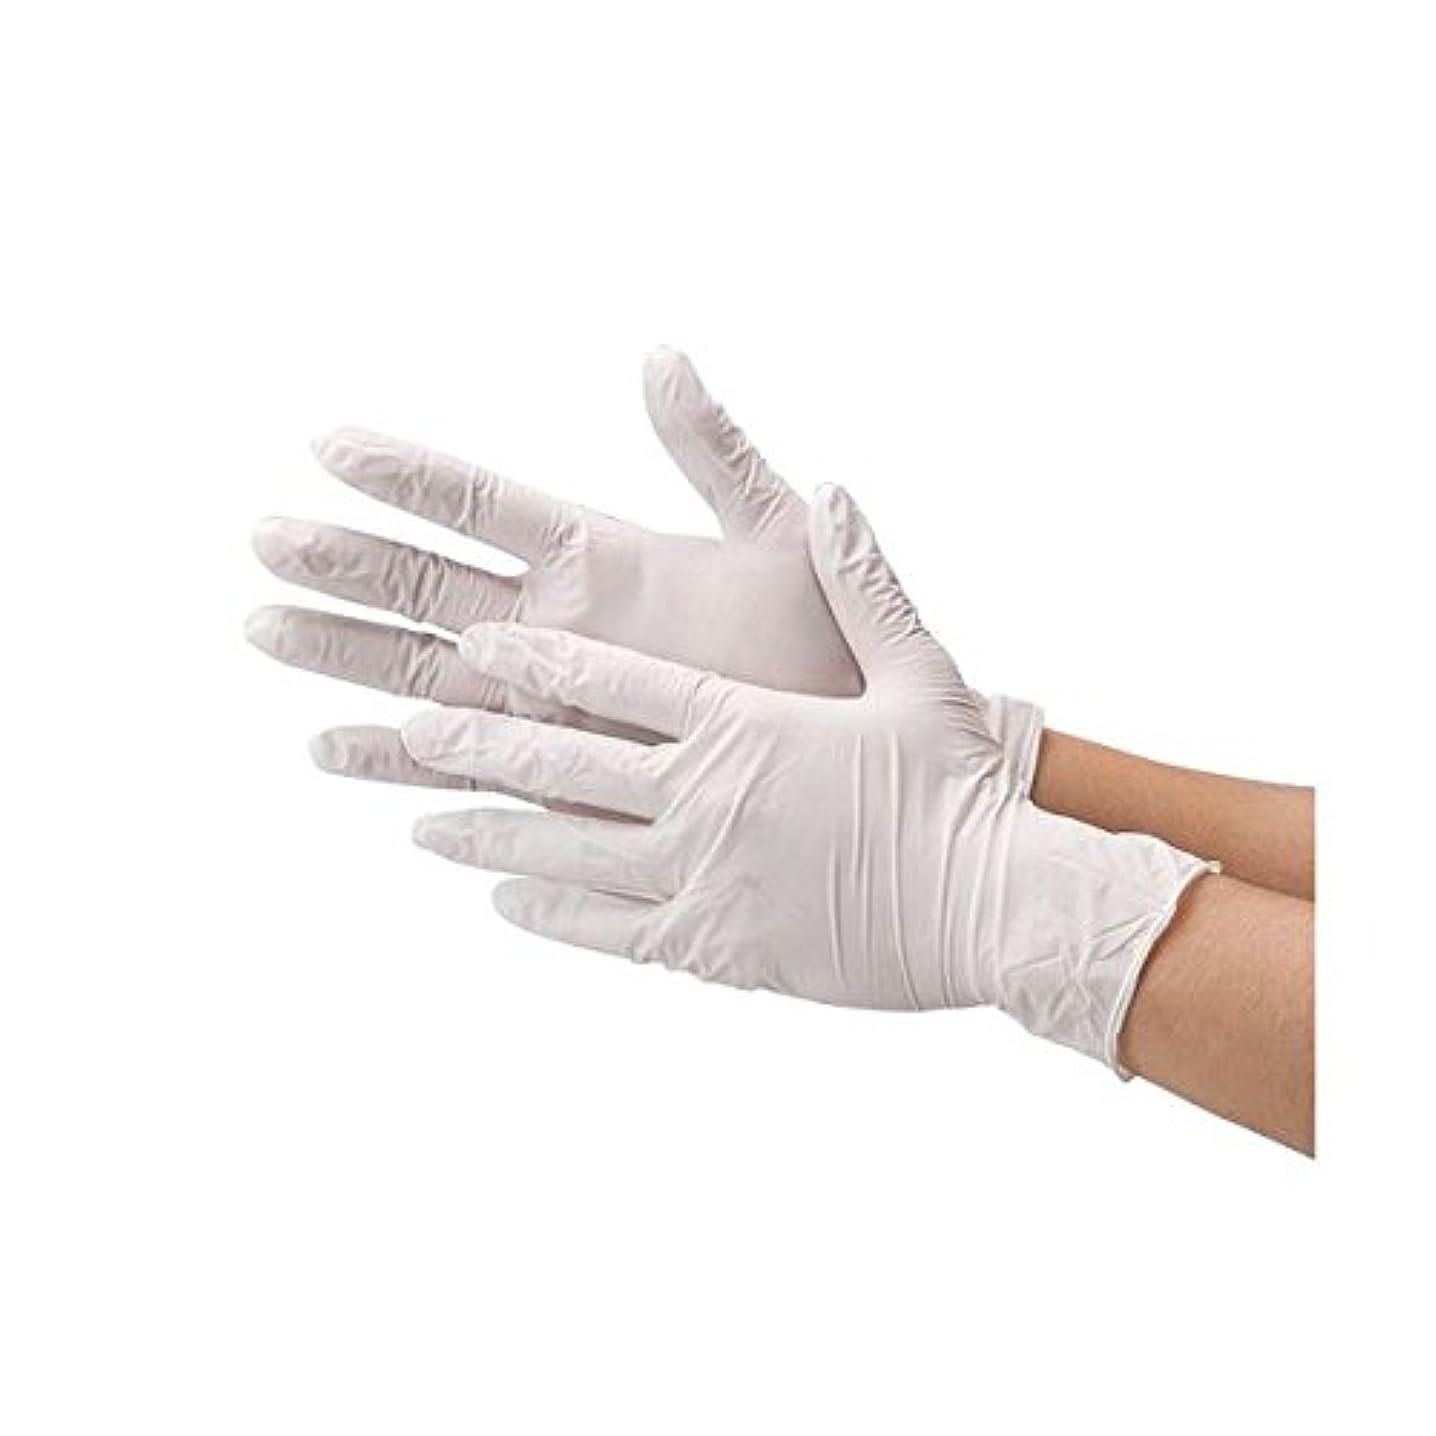 主観的予想外ピストル川西工業 ニトリル極薄手袋 粉なしホワイトS ds-1915809